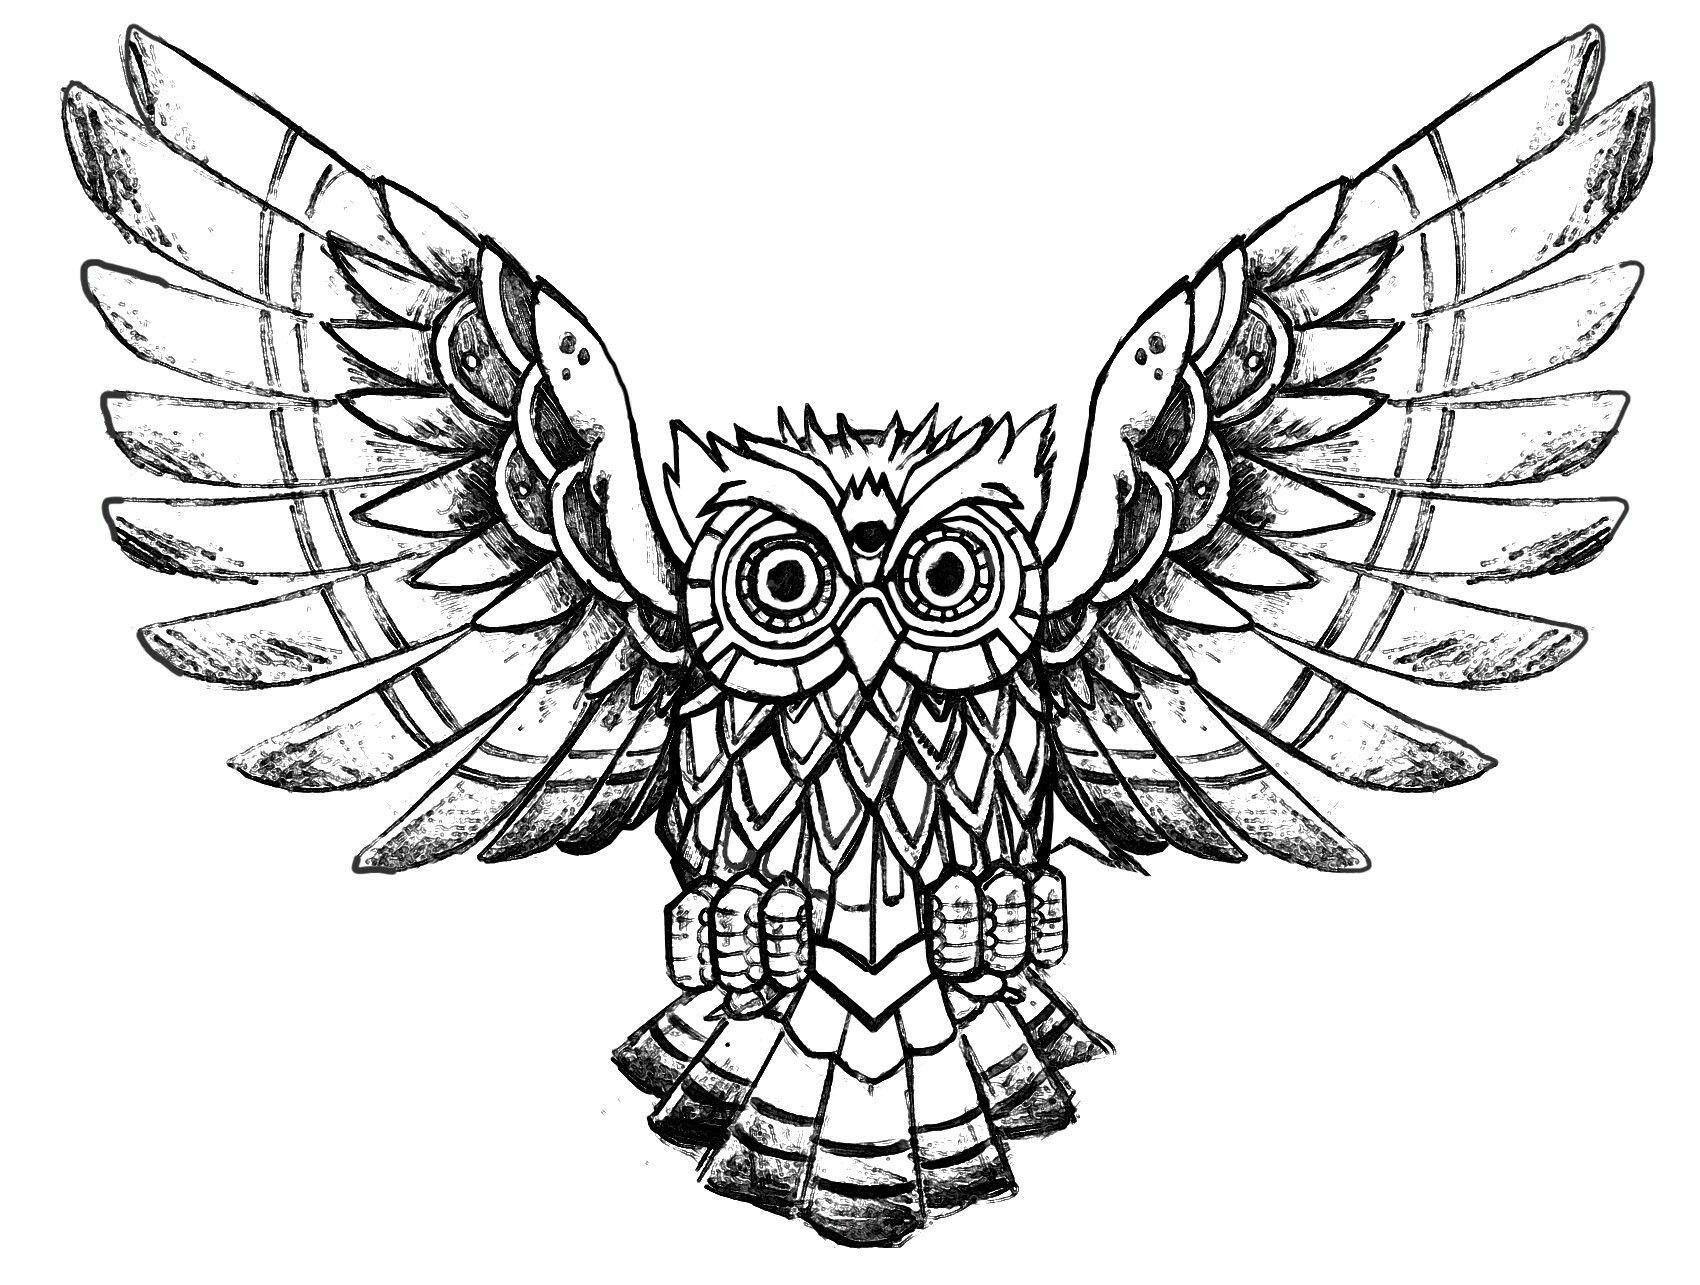 Pin Von Haxi Moerl Auf Owl | Malvorlage Eule, Vogel bei Malvorlage Uhu